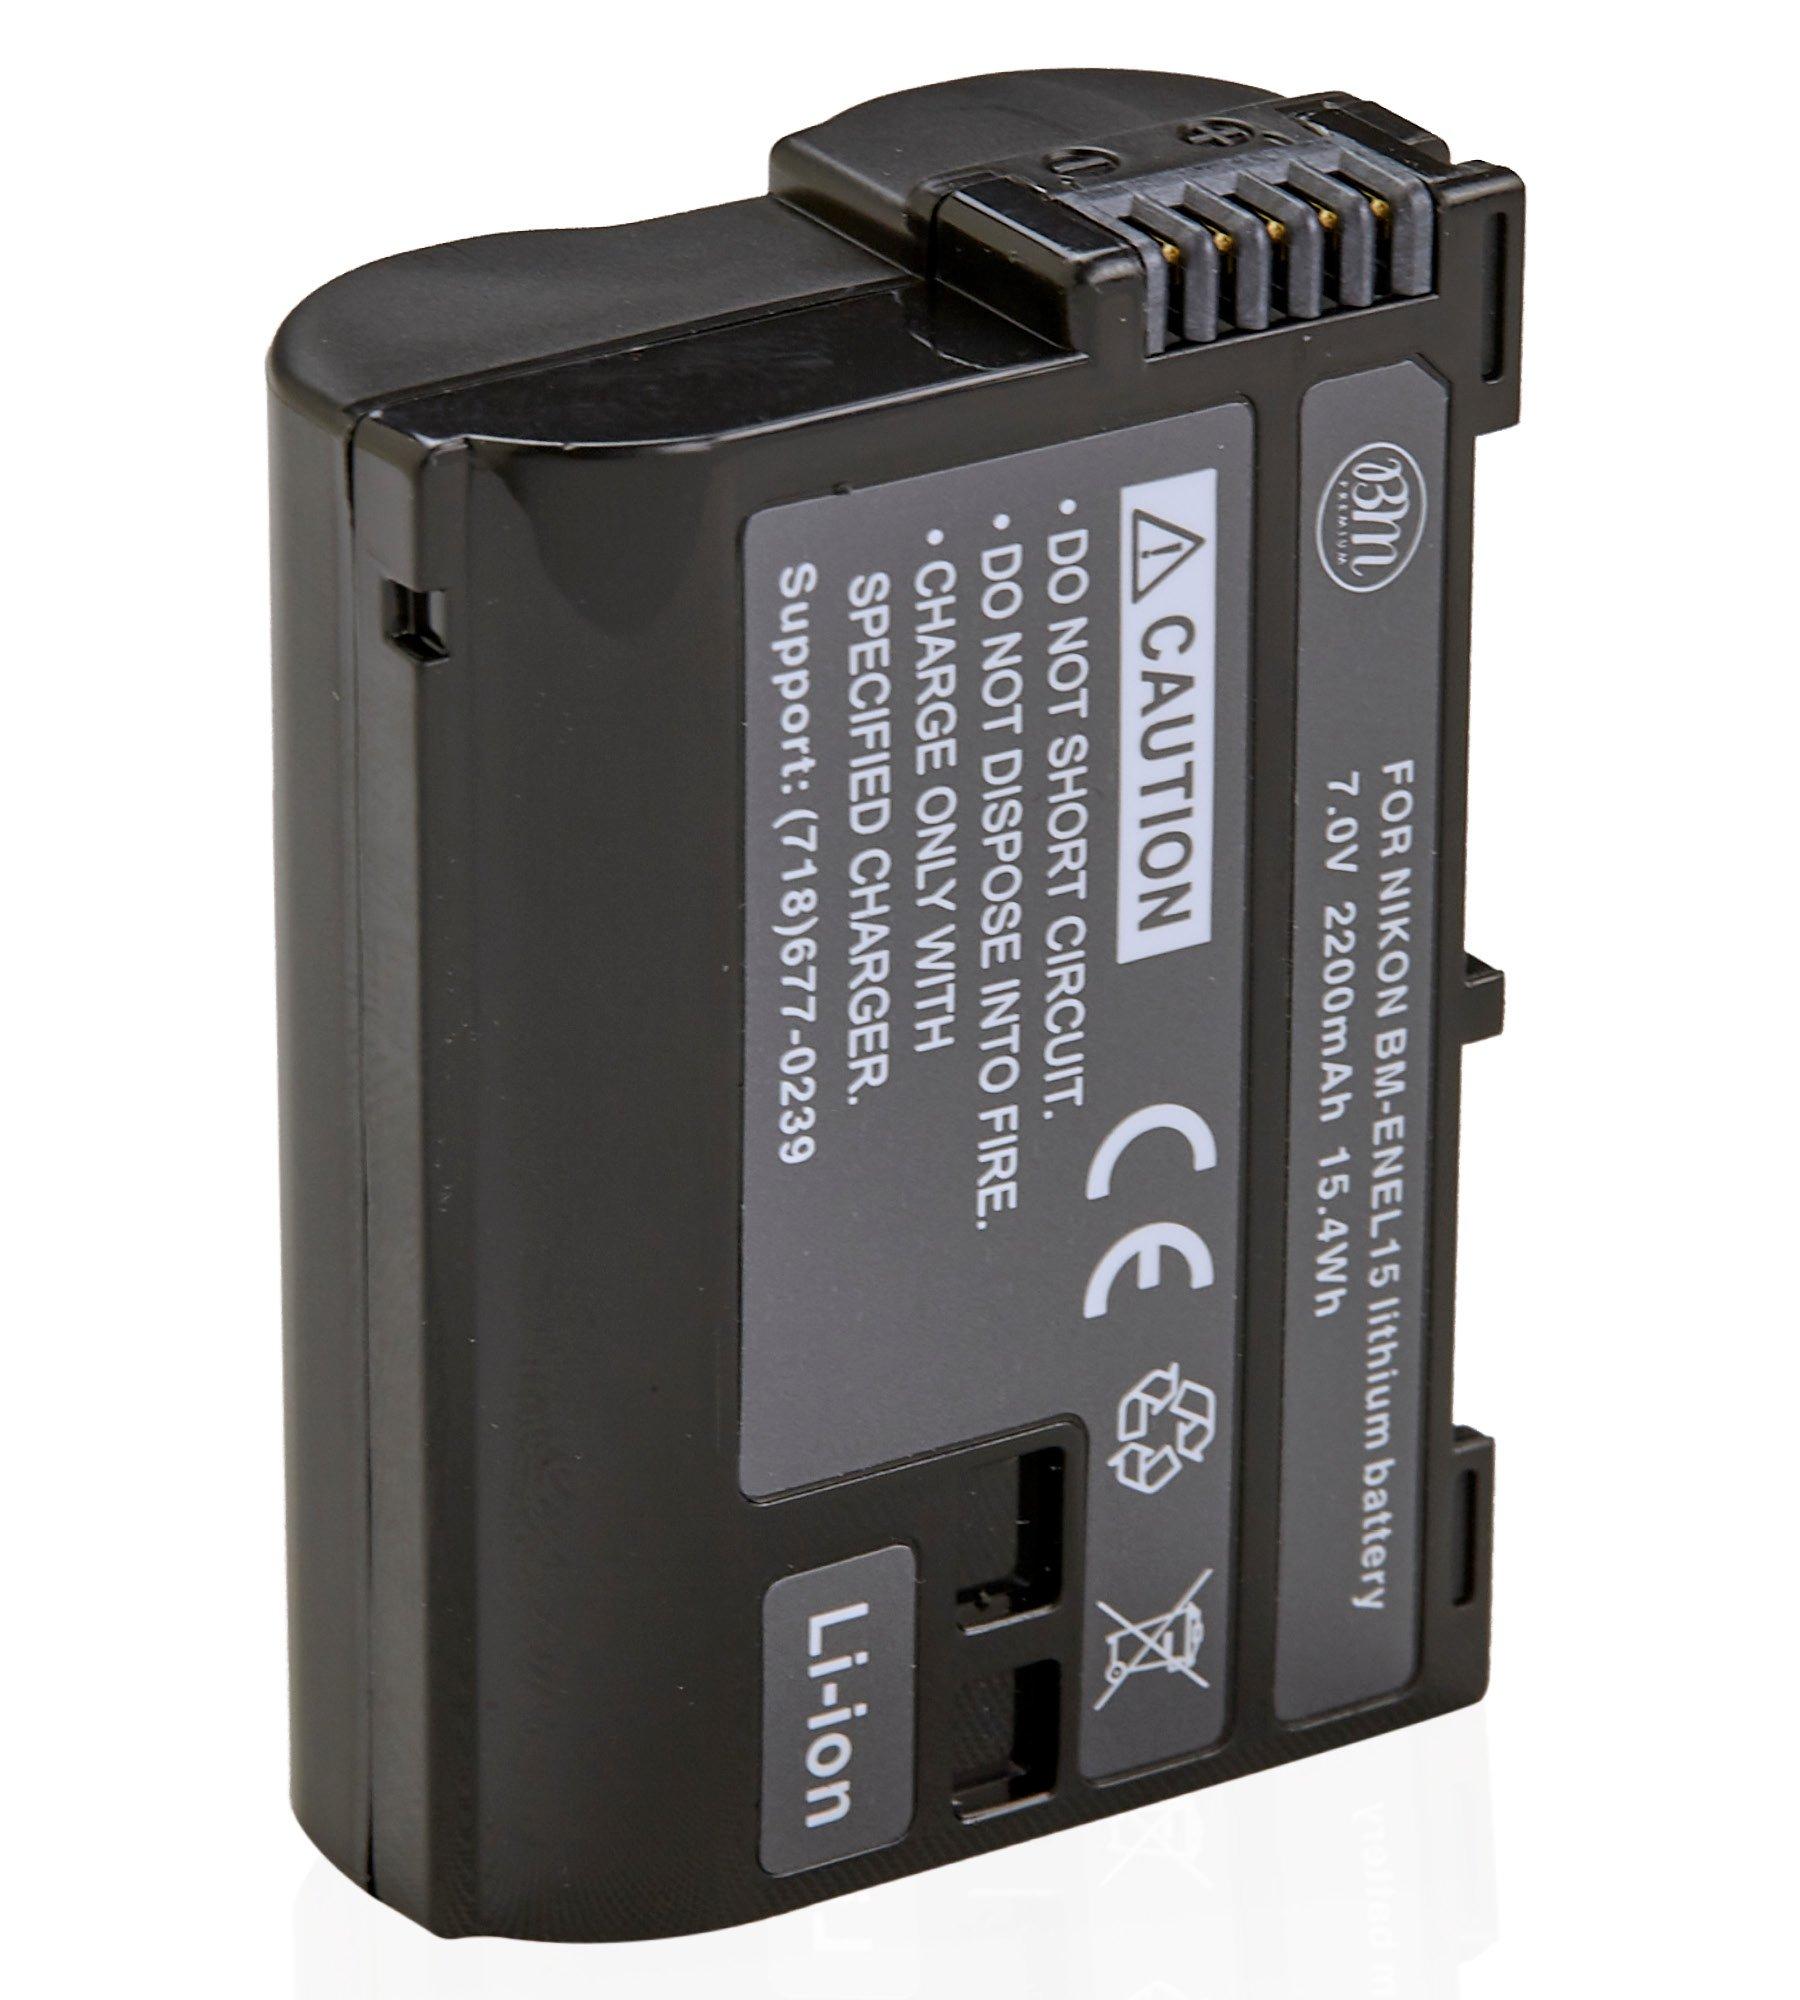 BM Premium EN-EL15 Battery for Nikon D850, D7500, 1 V1, D500, D600, D610, D750, D800, D800E, D810, D810A, D7000, D7100, D7200 Digital SLR Camera by BM Premium (Image #1)